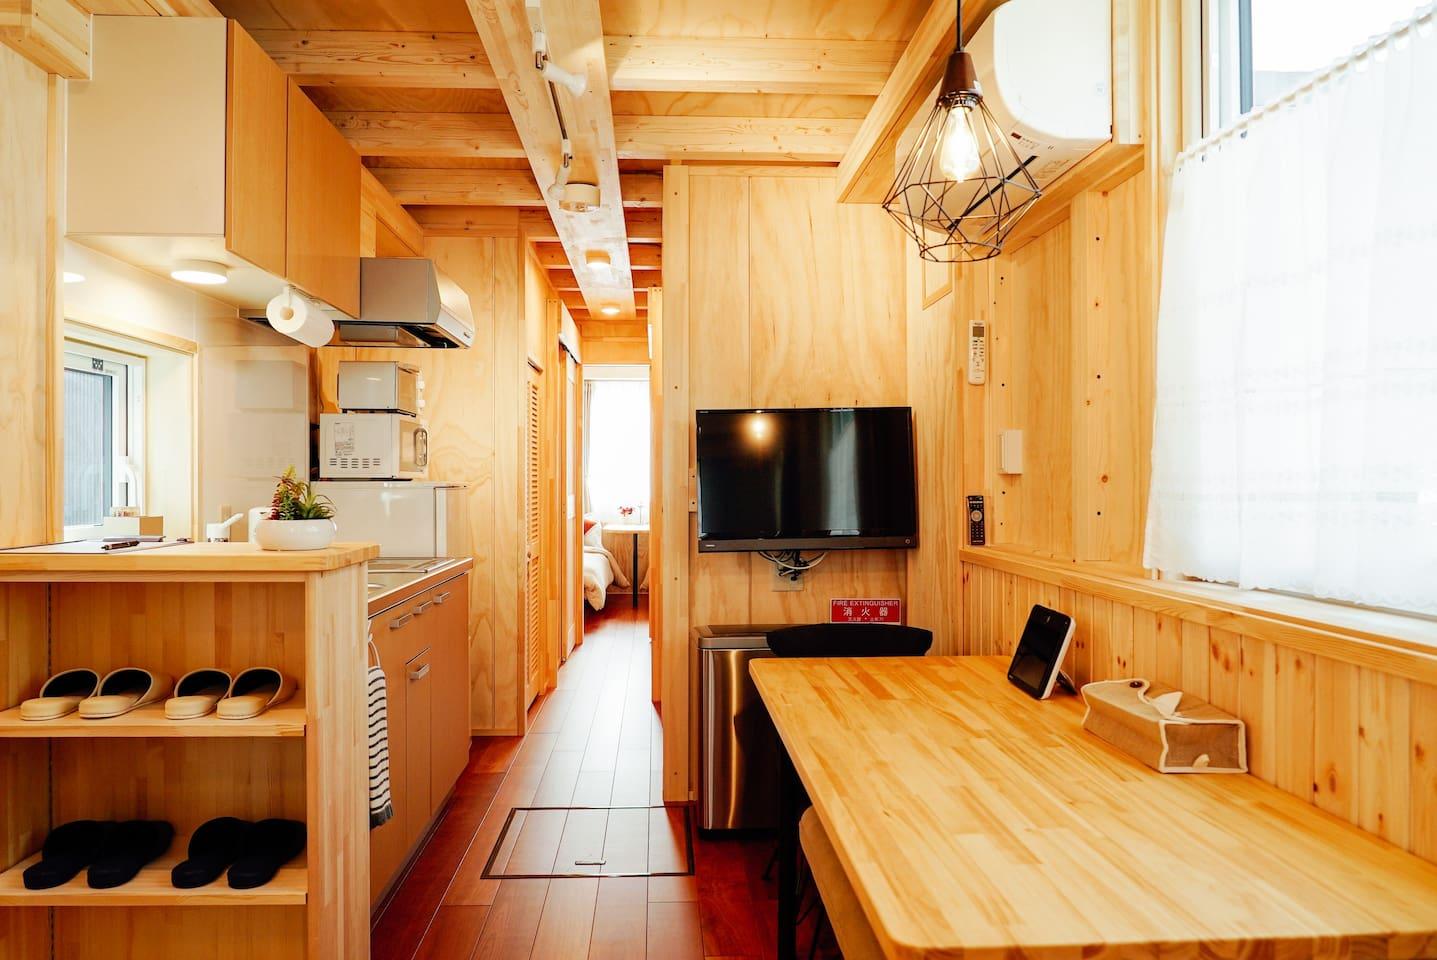 溫馨的客廳,設備齊全的廚房,還有洋式臥房盡收眼底